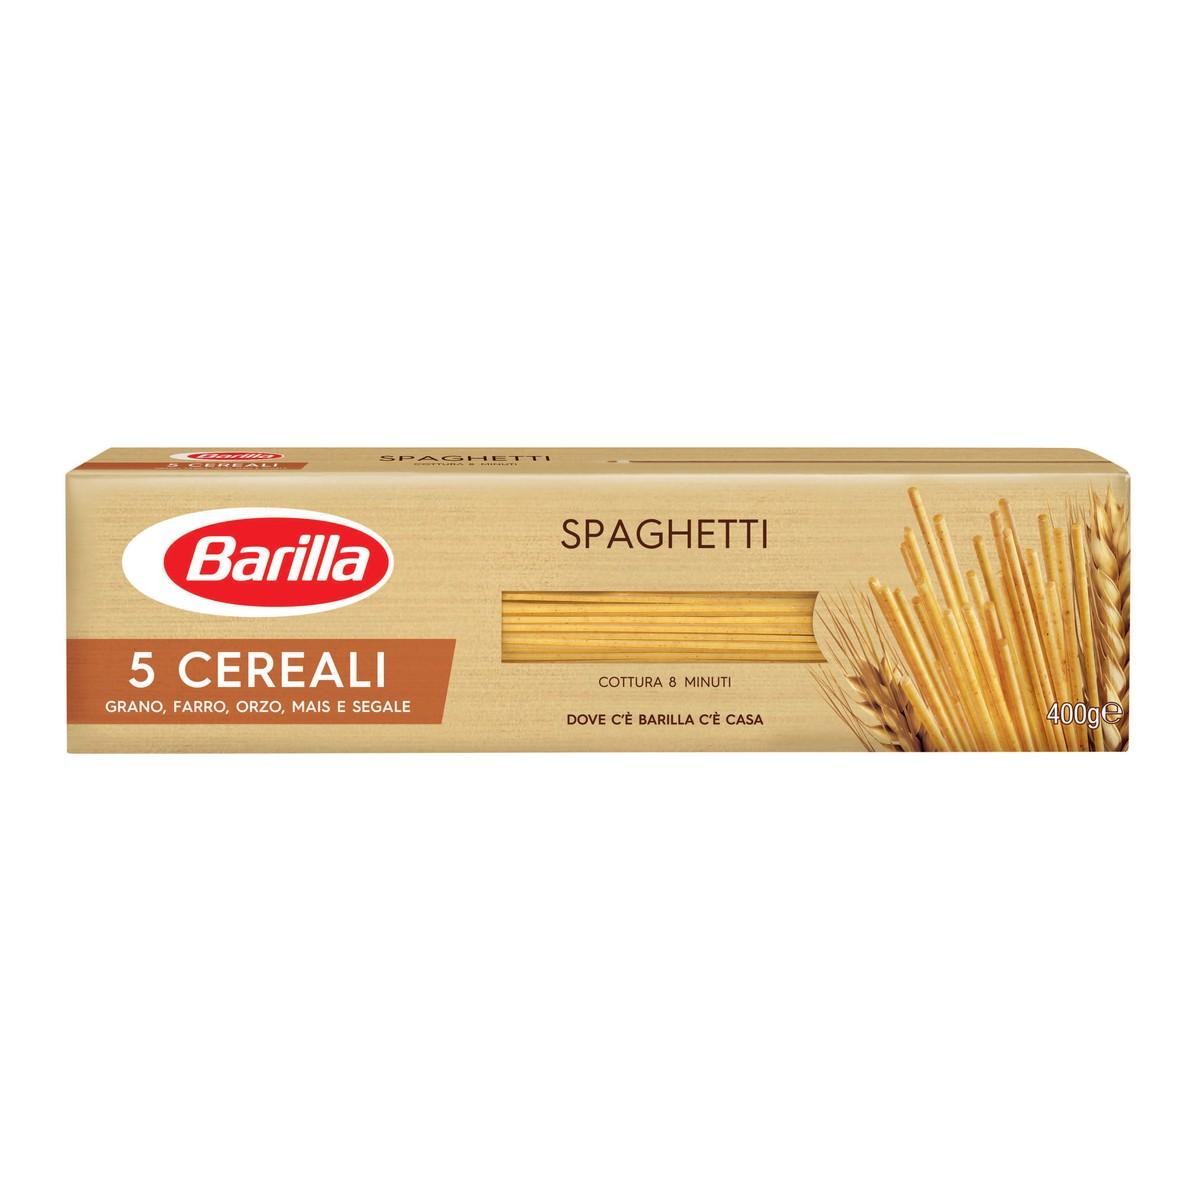 BARILLA Spaghetti 5 Cereali